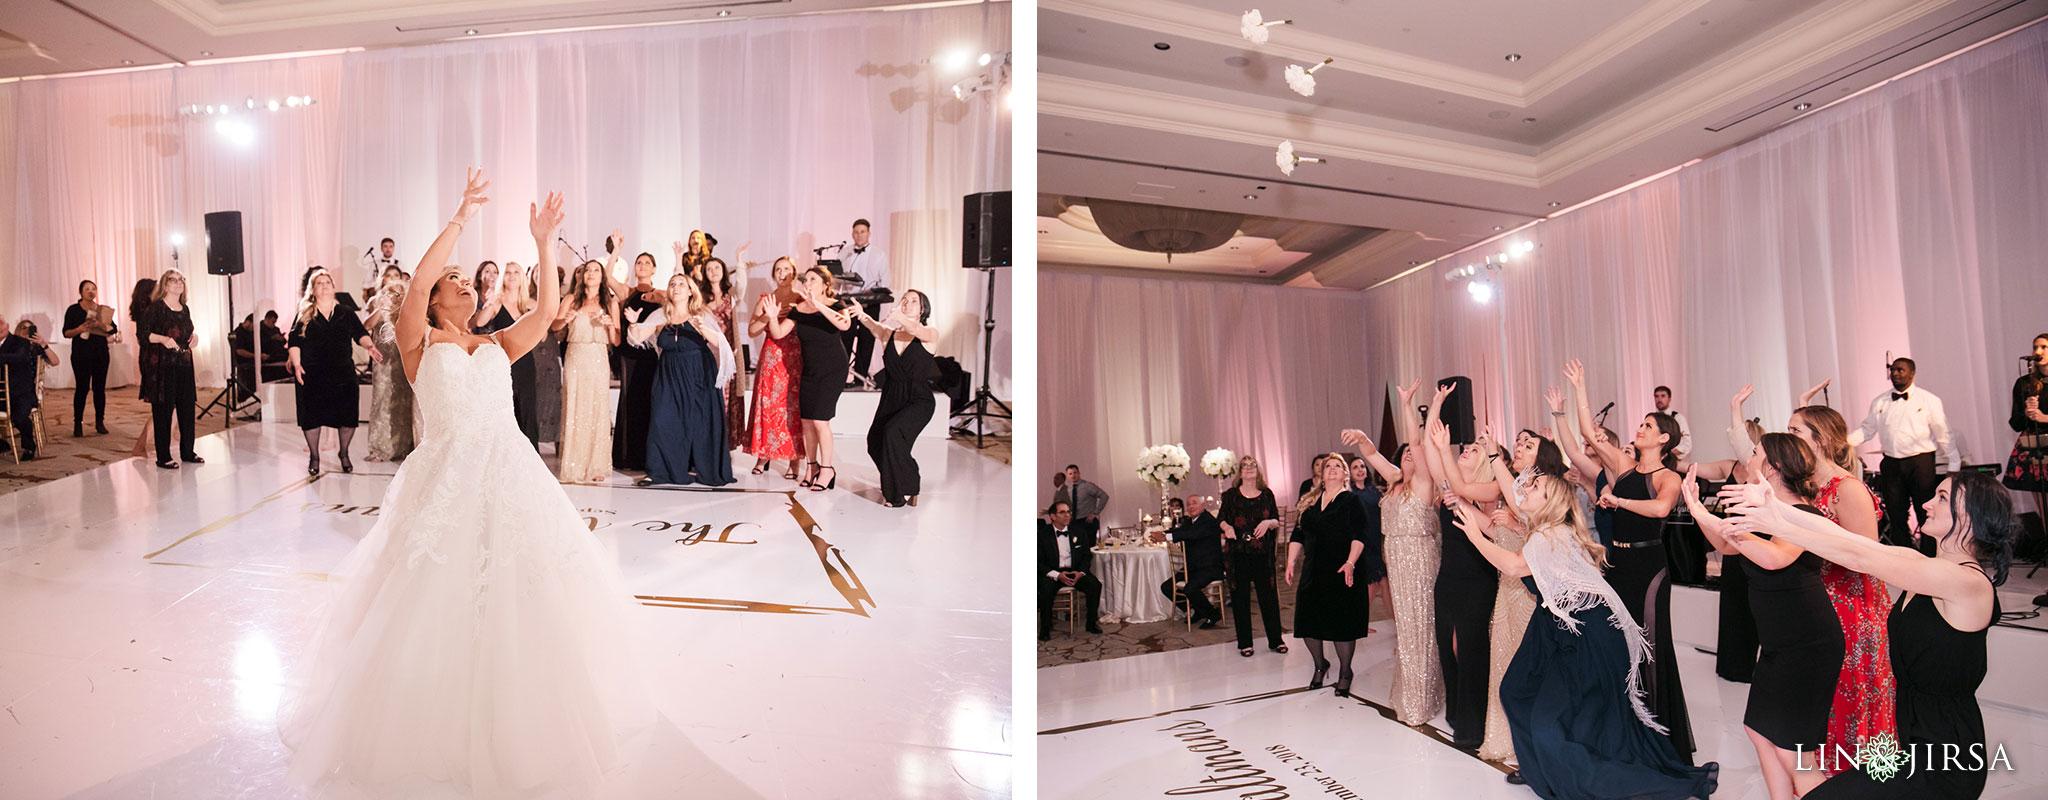 46 balboa bay wedding newport photography